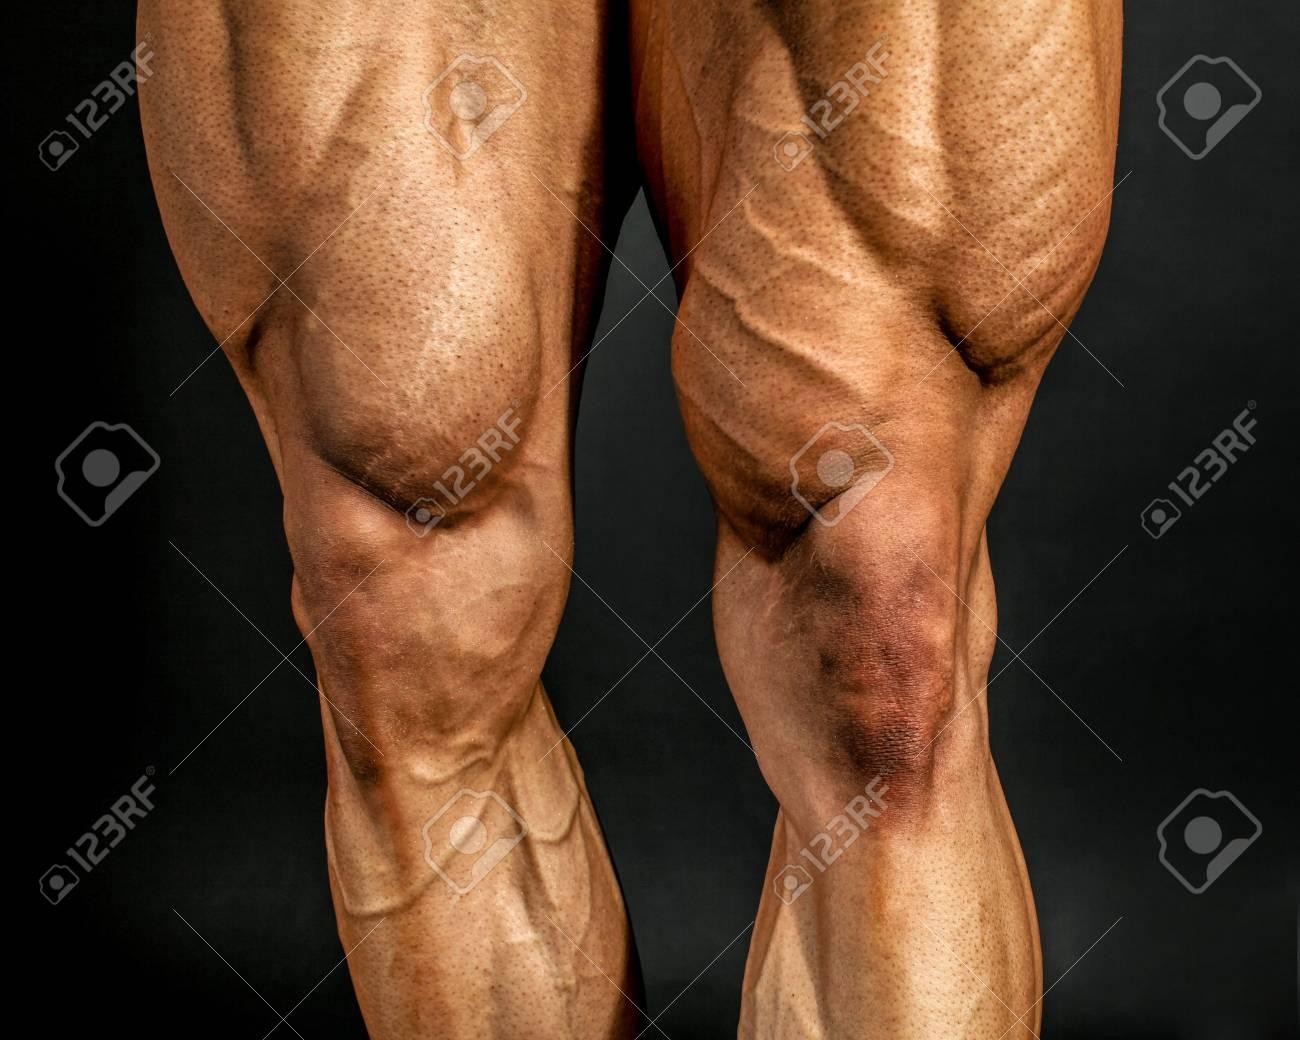 Порно строители видео мужских ног фото